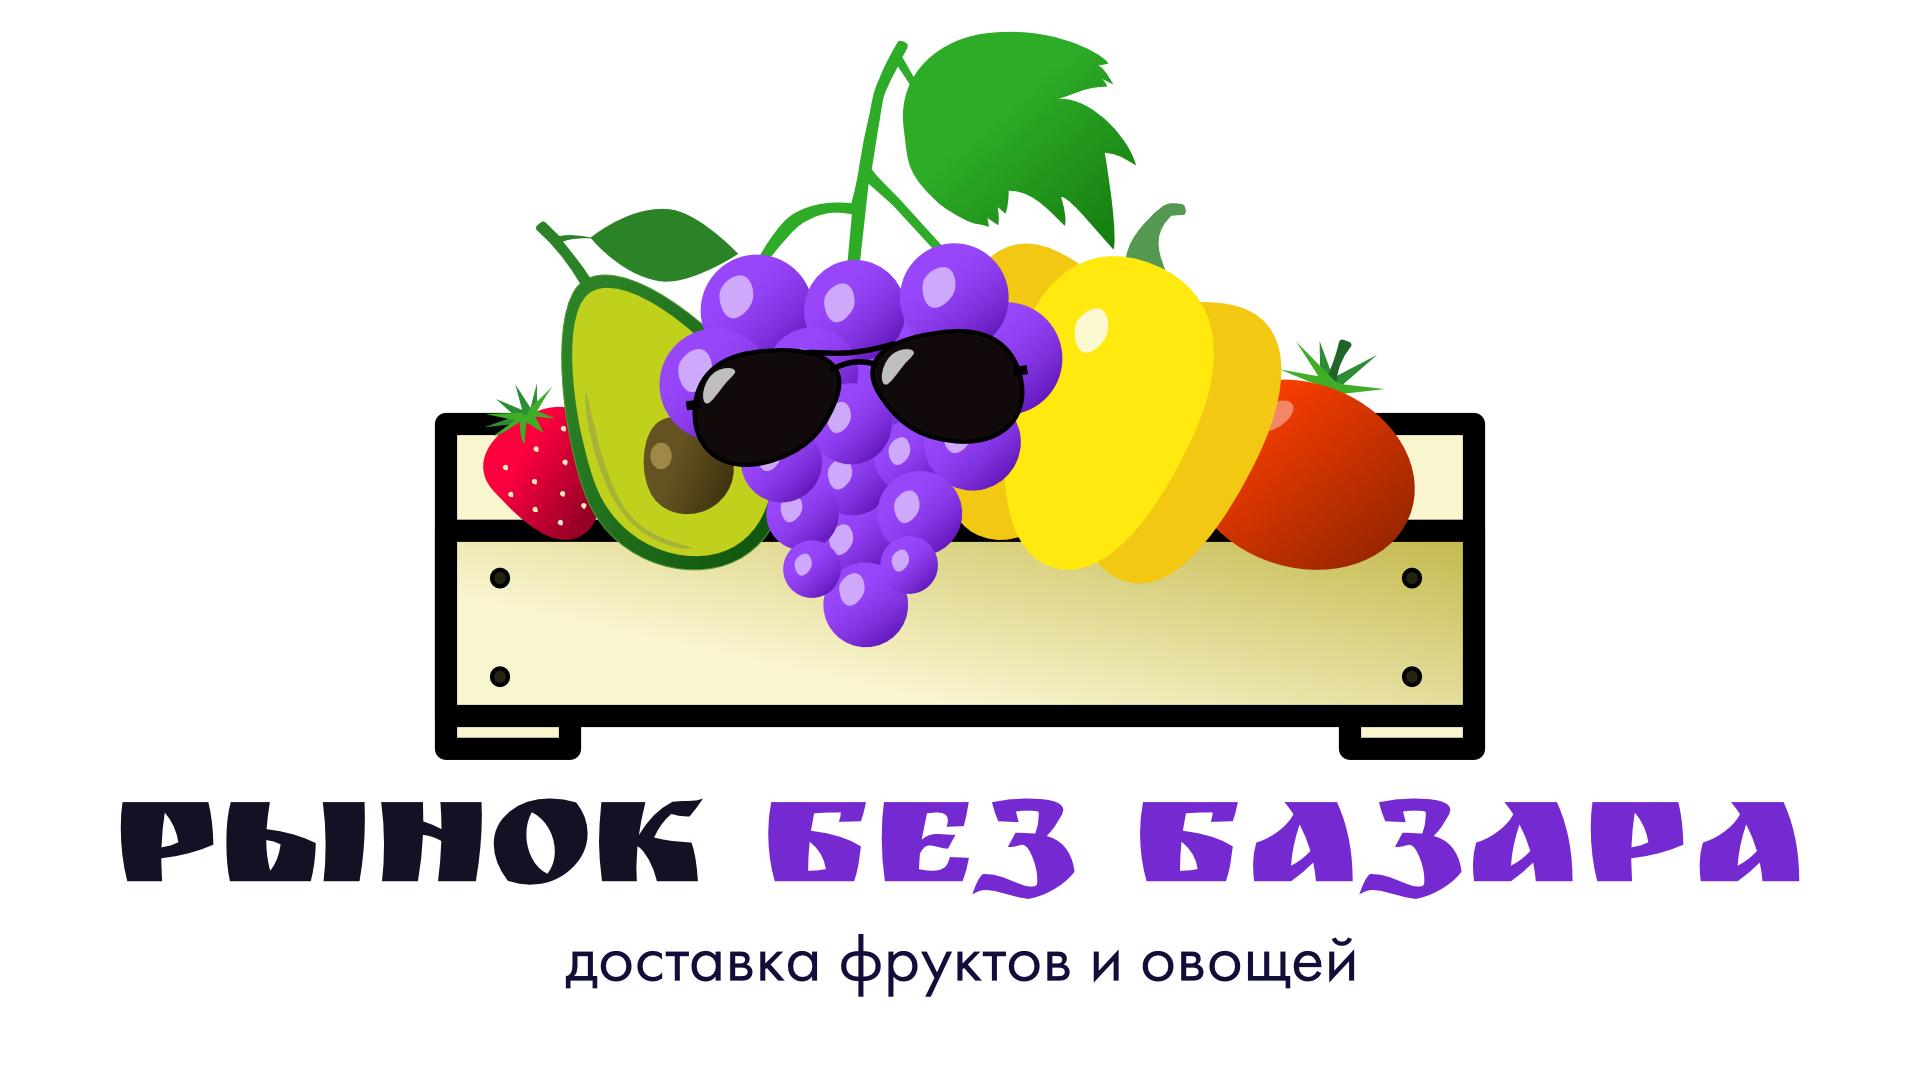 Логотип для компании, занимающейся доставкой фруктов и овощей